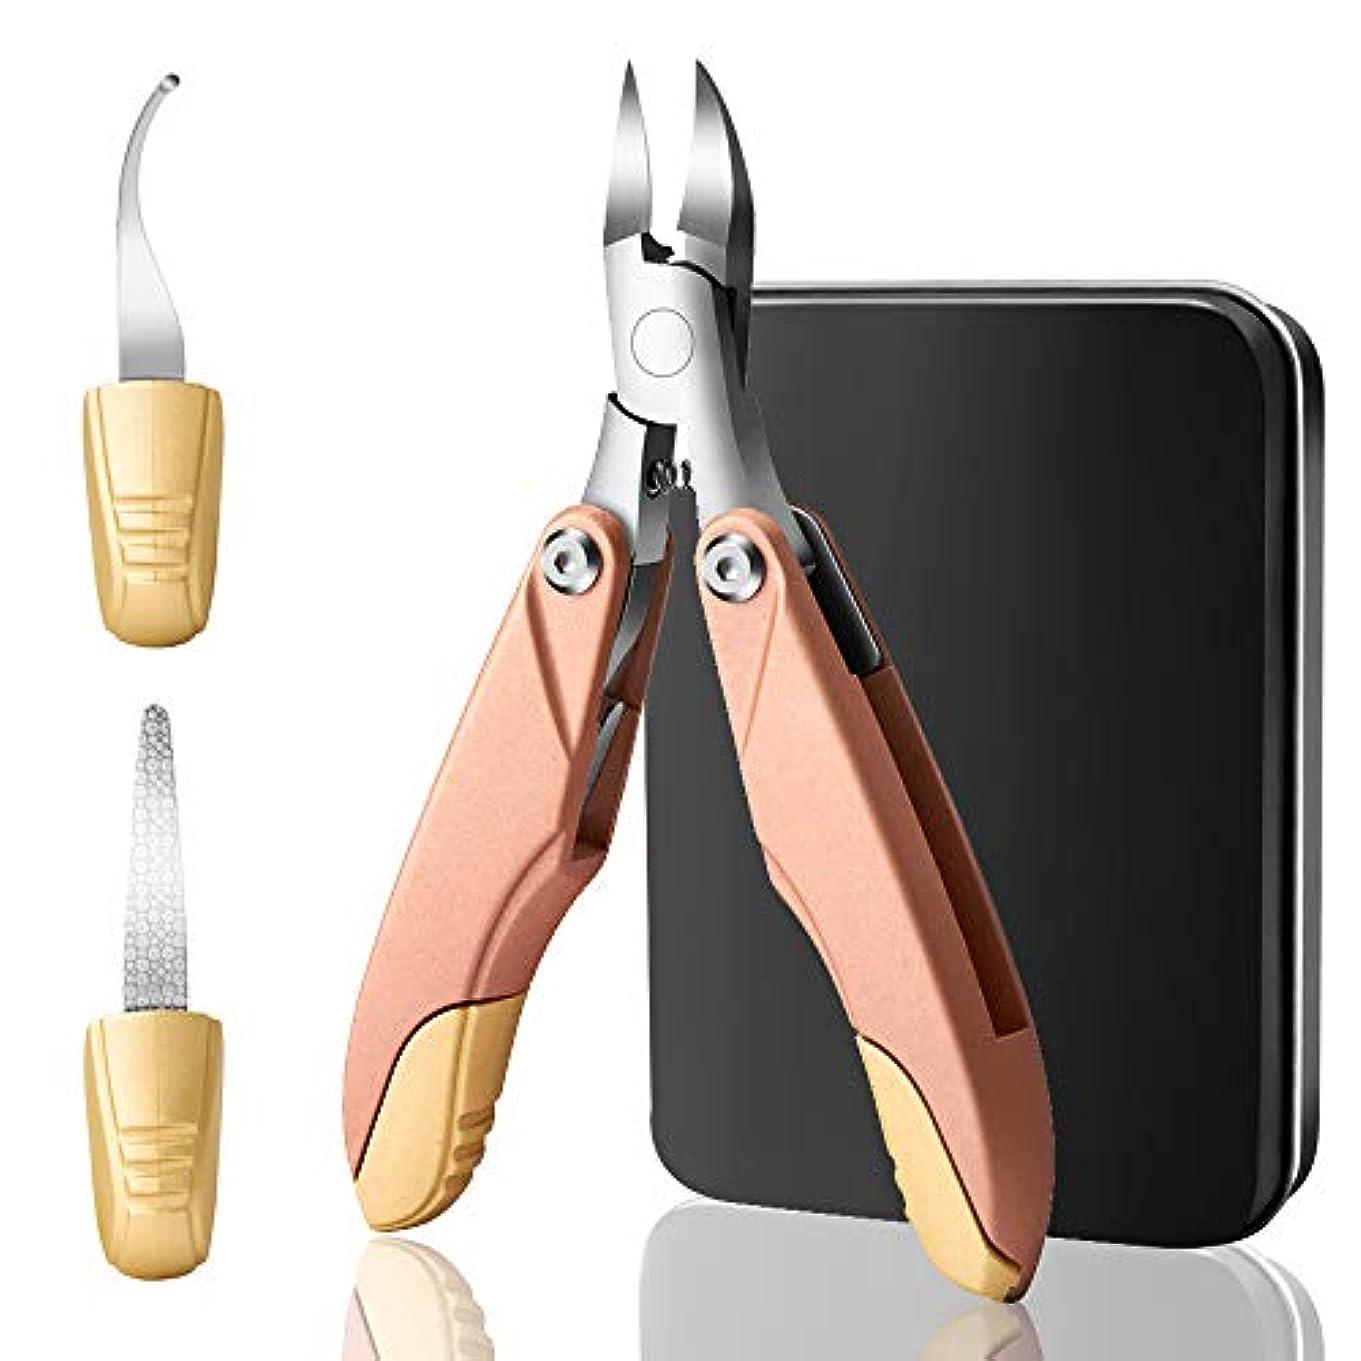 接触除去野望YunTech 爪切り3in1 ニッパー爪切り ステンレス製 折り畳み式 巻き爪 硬い爪などにも対応 ゾンデ/爪やすり付き 手足兼用 収納ケース付き (ローズゴールド)